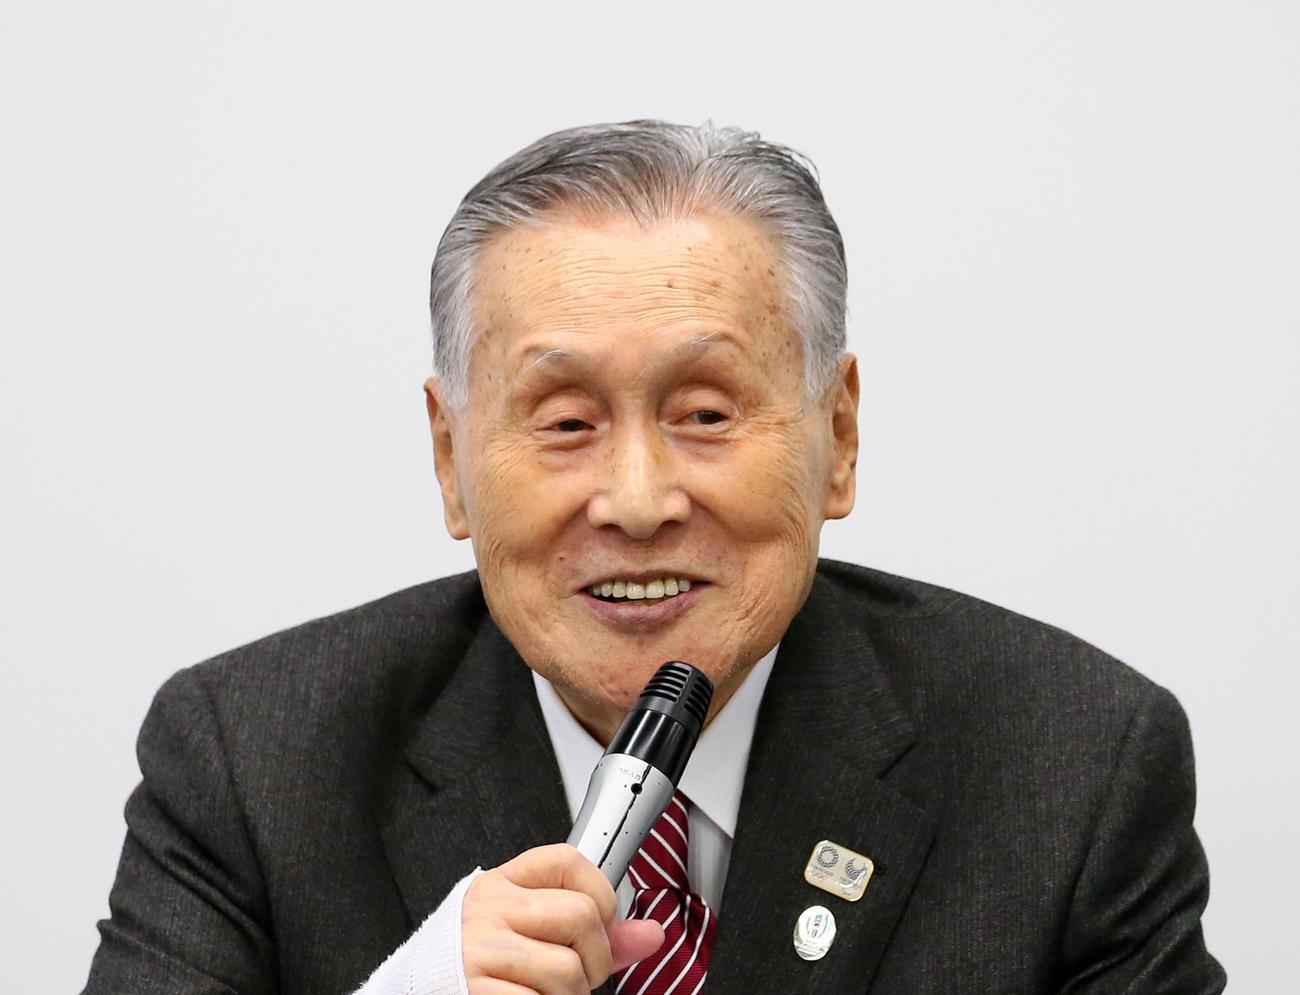 東京五輪組織委員会の森喜朗会長